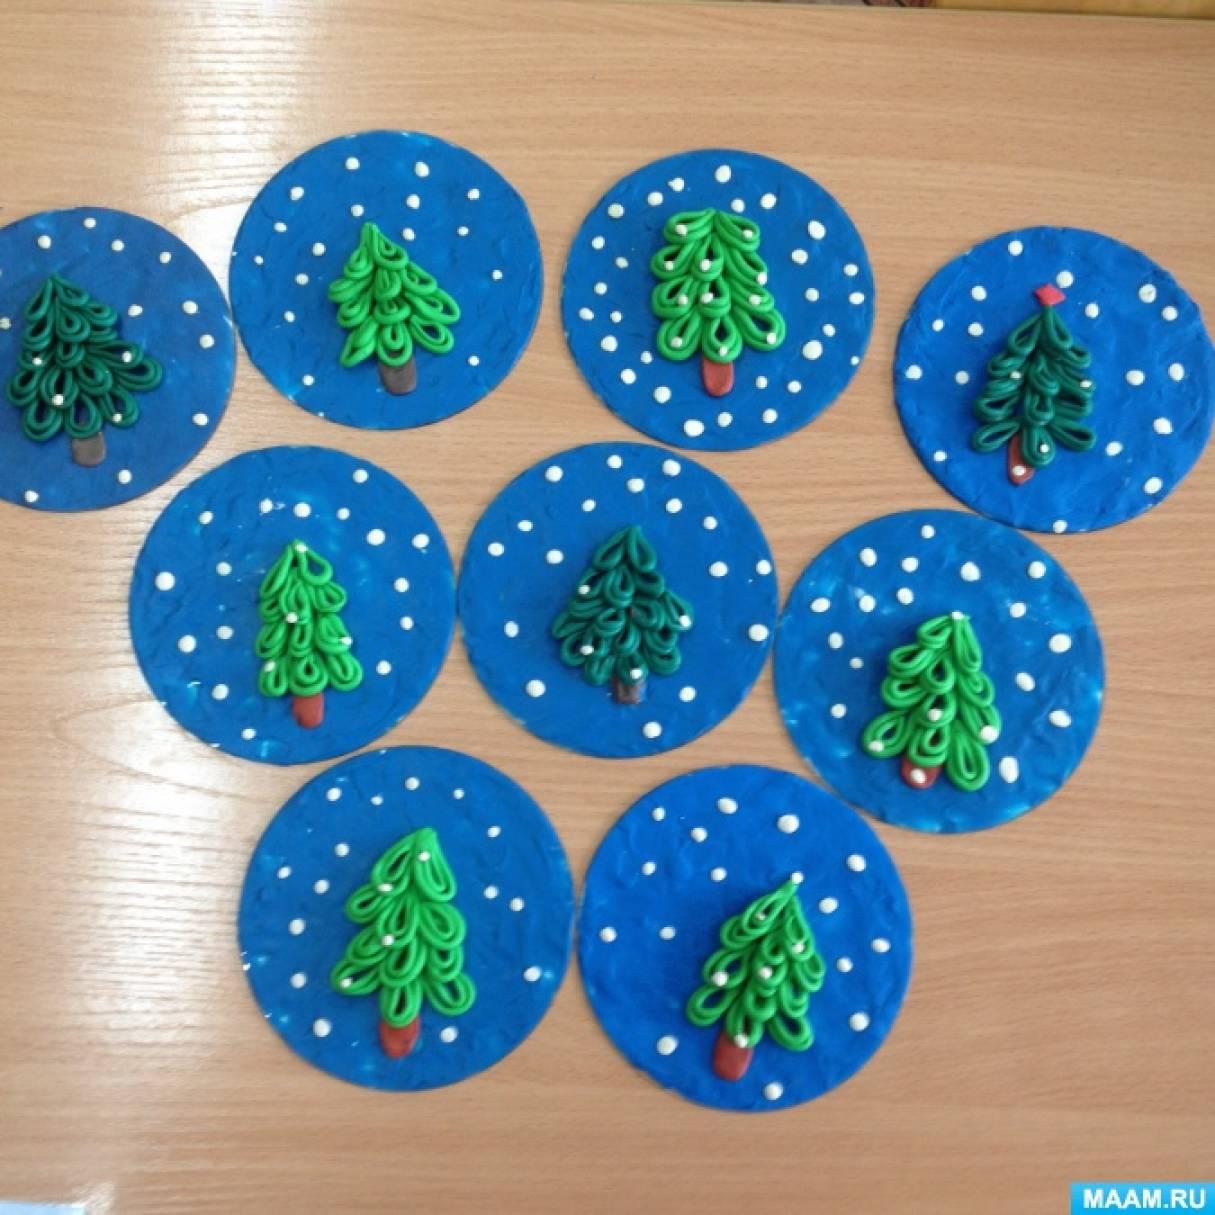 Конспект занятия по пластилинографии на СД дисках «Пушистые елочки»